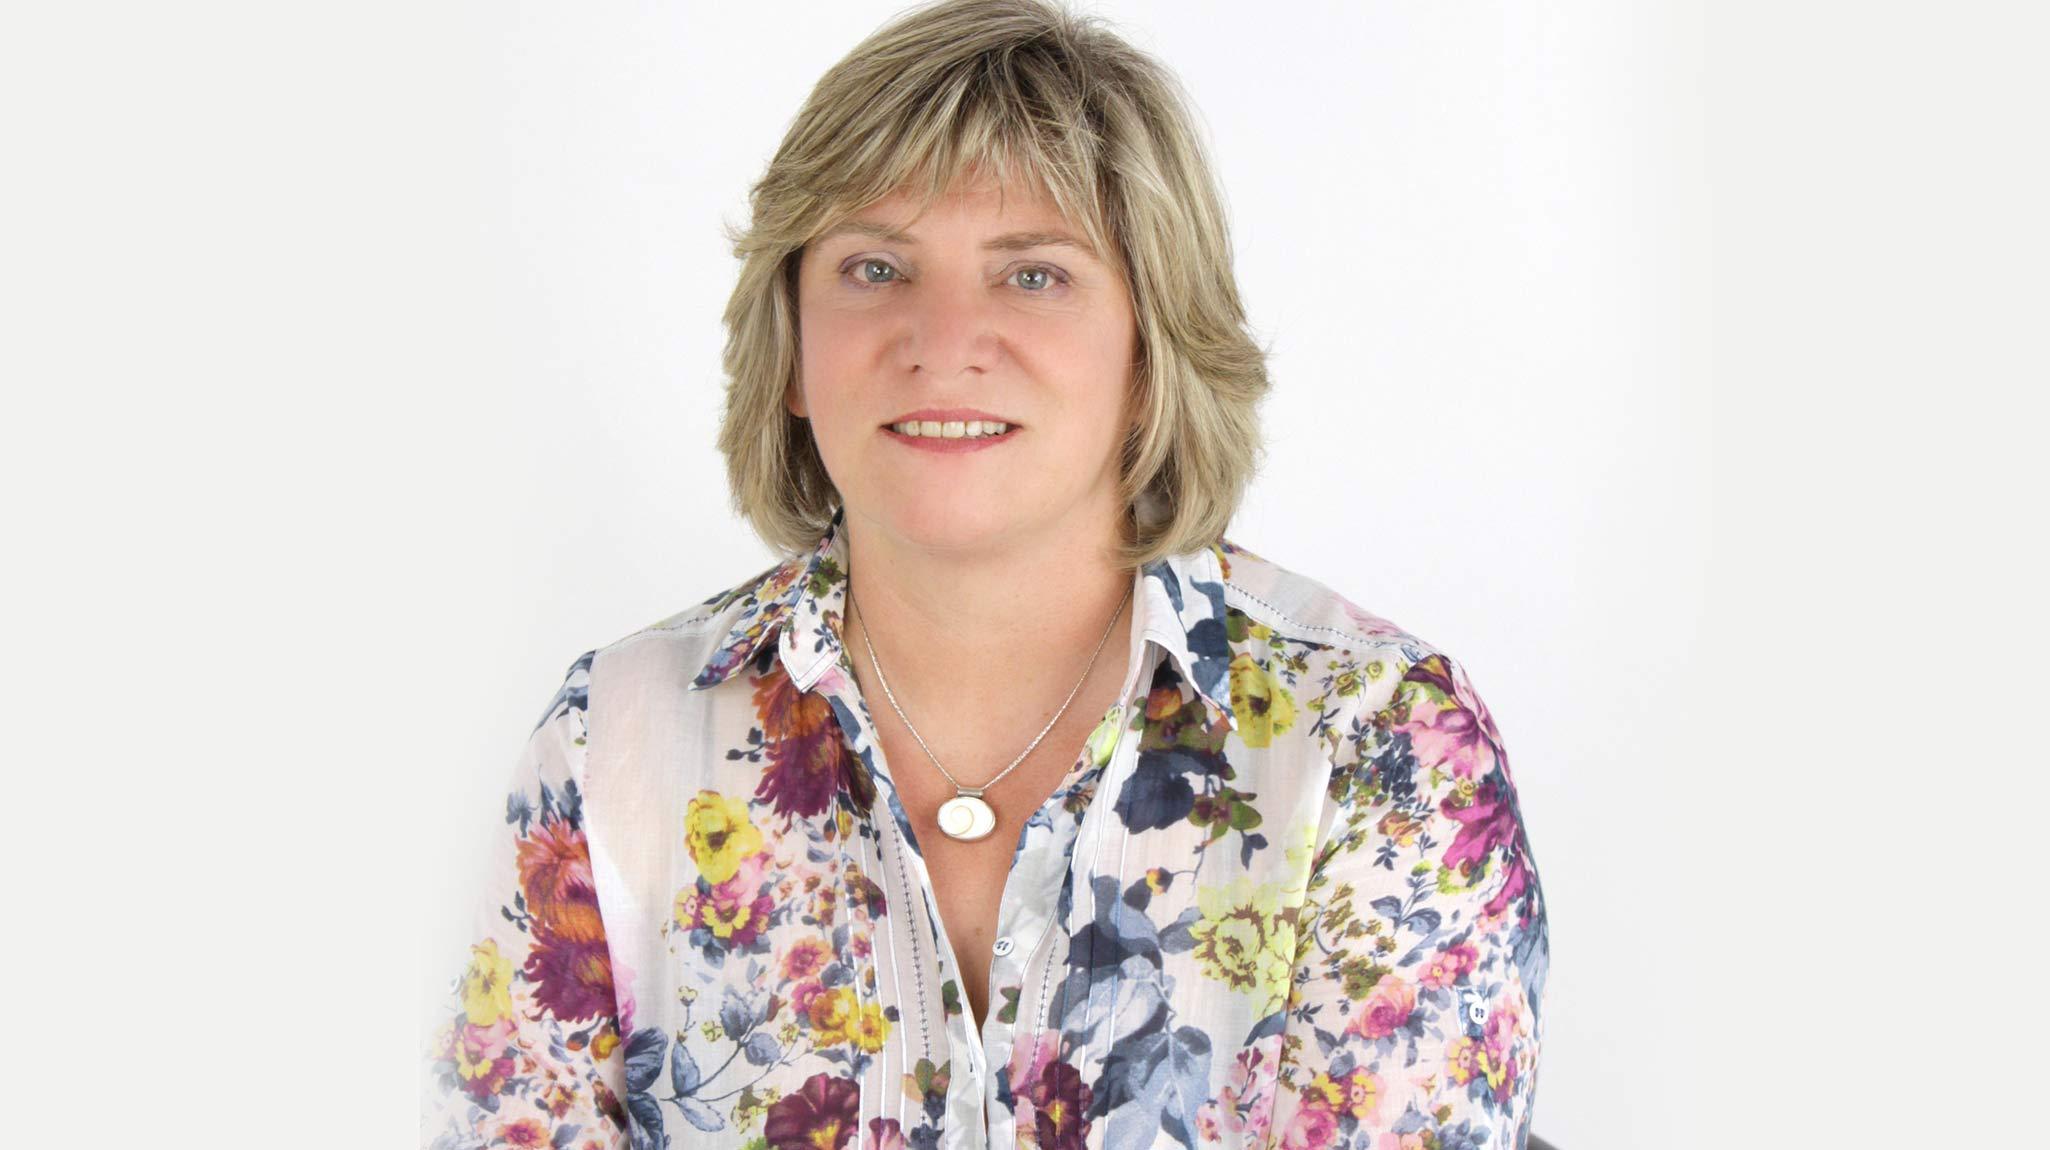 Die Gründerin Ines Külper der Firma Yorck Share blickt vor weißem Hintergrund in die Kamera und lächelt leicht. Sie trägt eine geblümte Bluse und eine Kette mit Anhänger. Ihr Haar ist mittellang und blond.